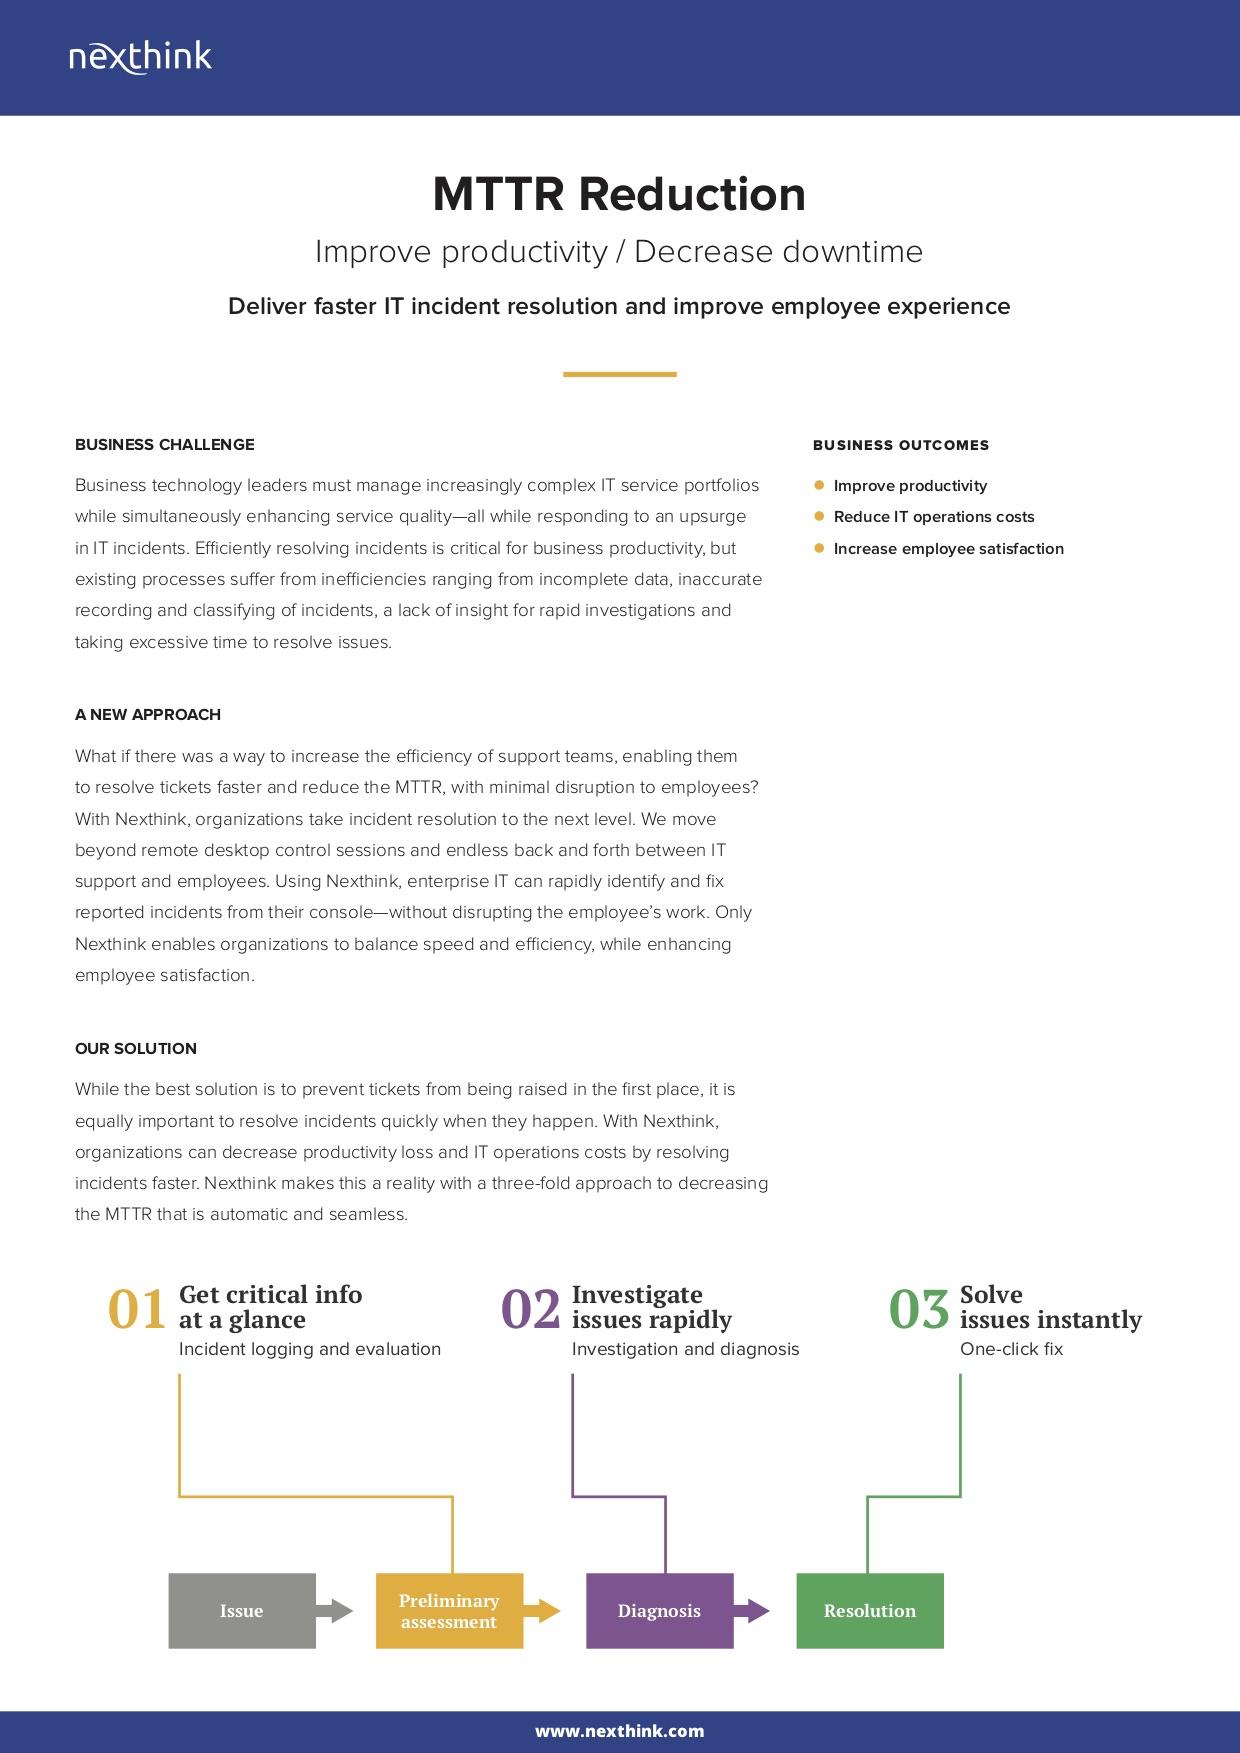 MTTR Reduction Solution Brief